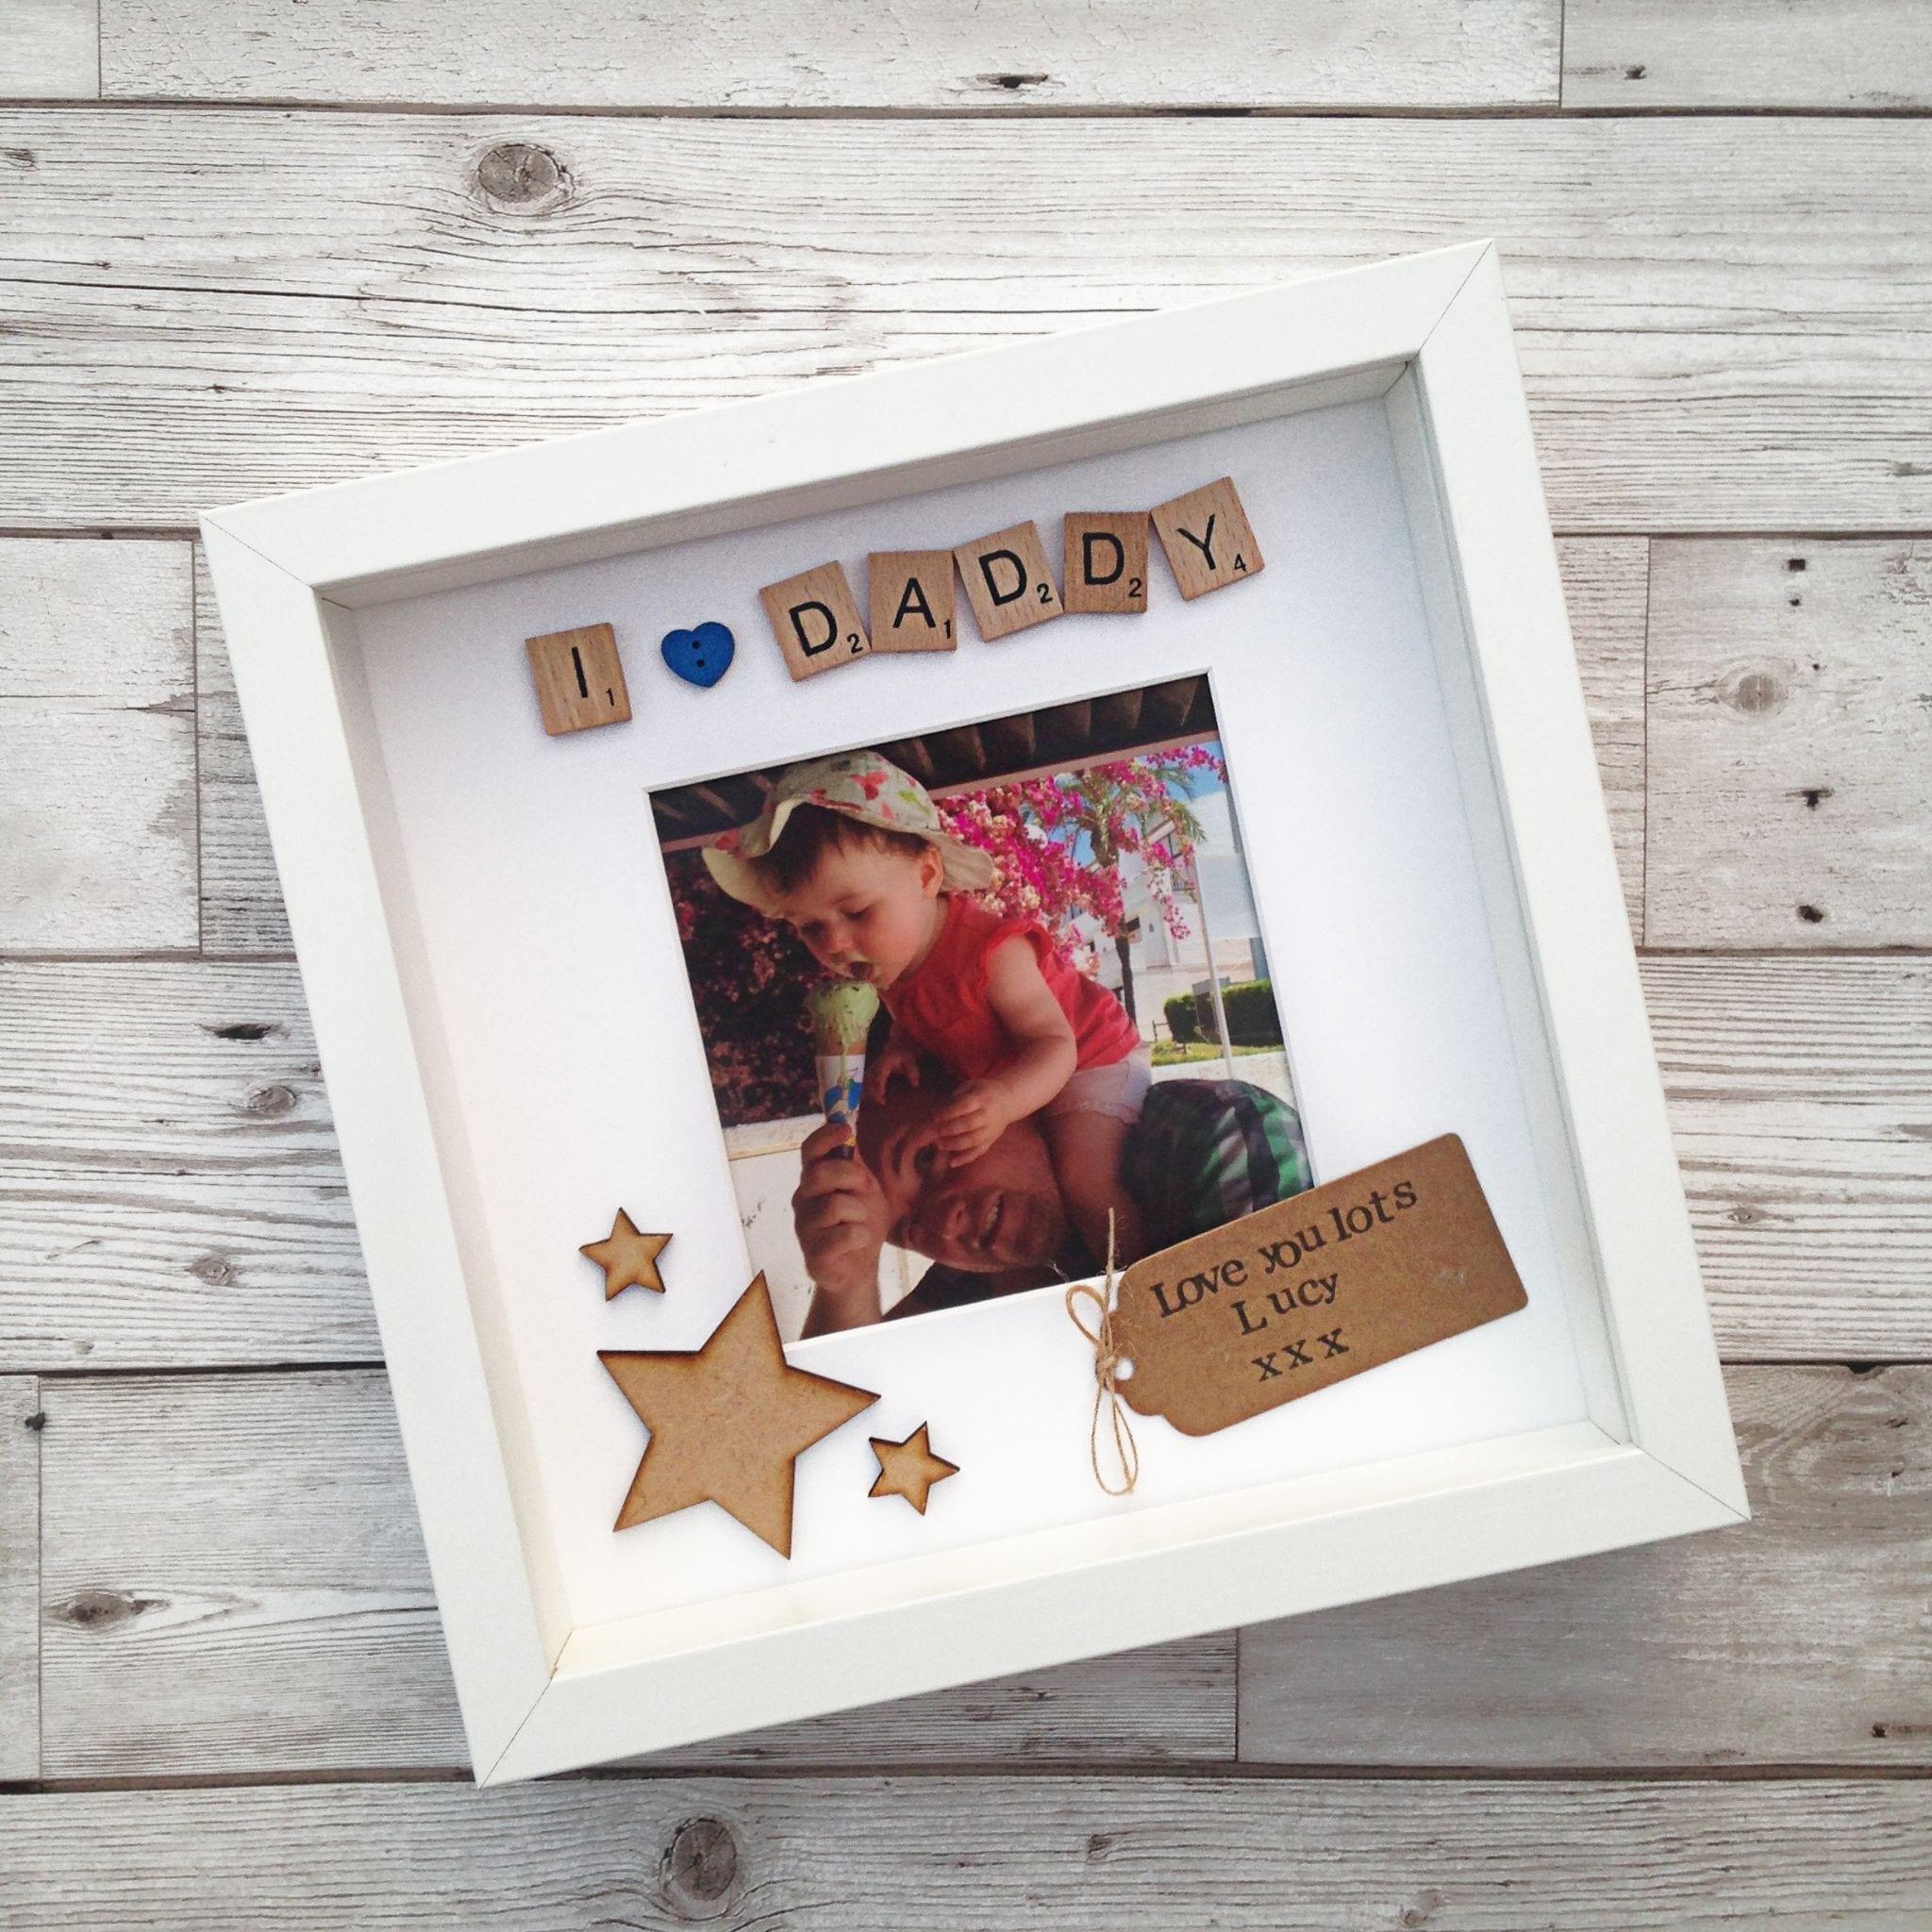 i-love-heart-daddy-scrabble-frame-13987-p.jpg